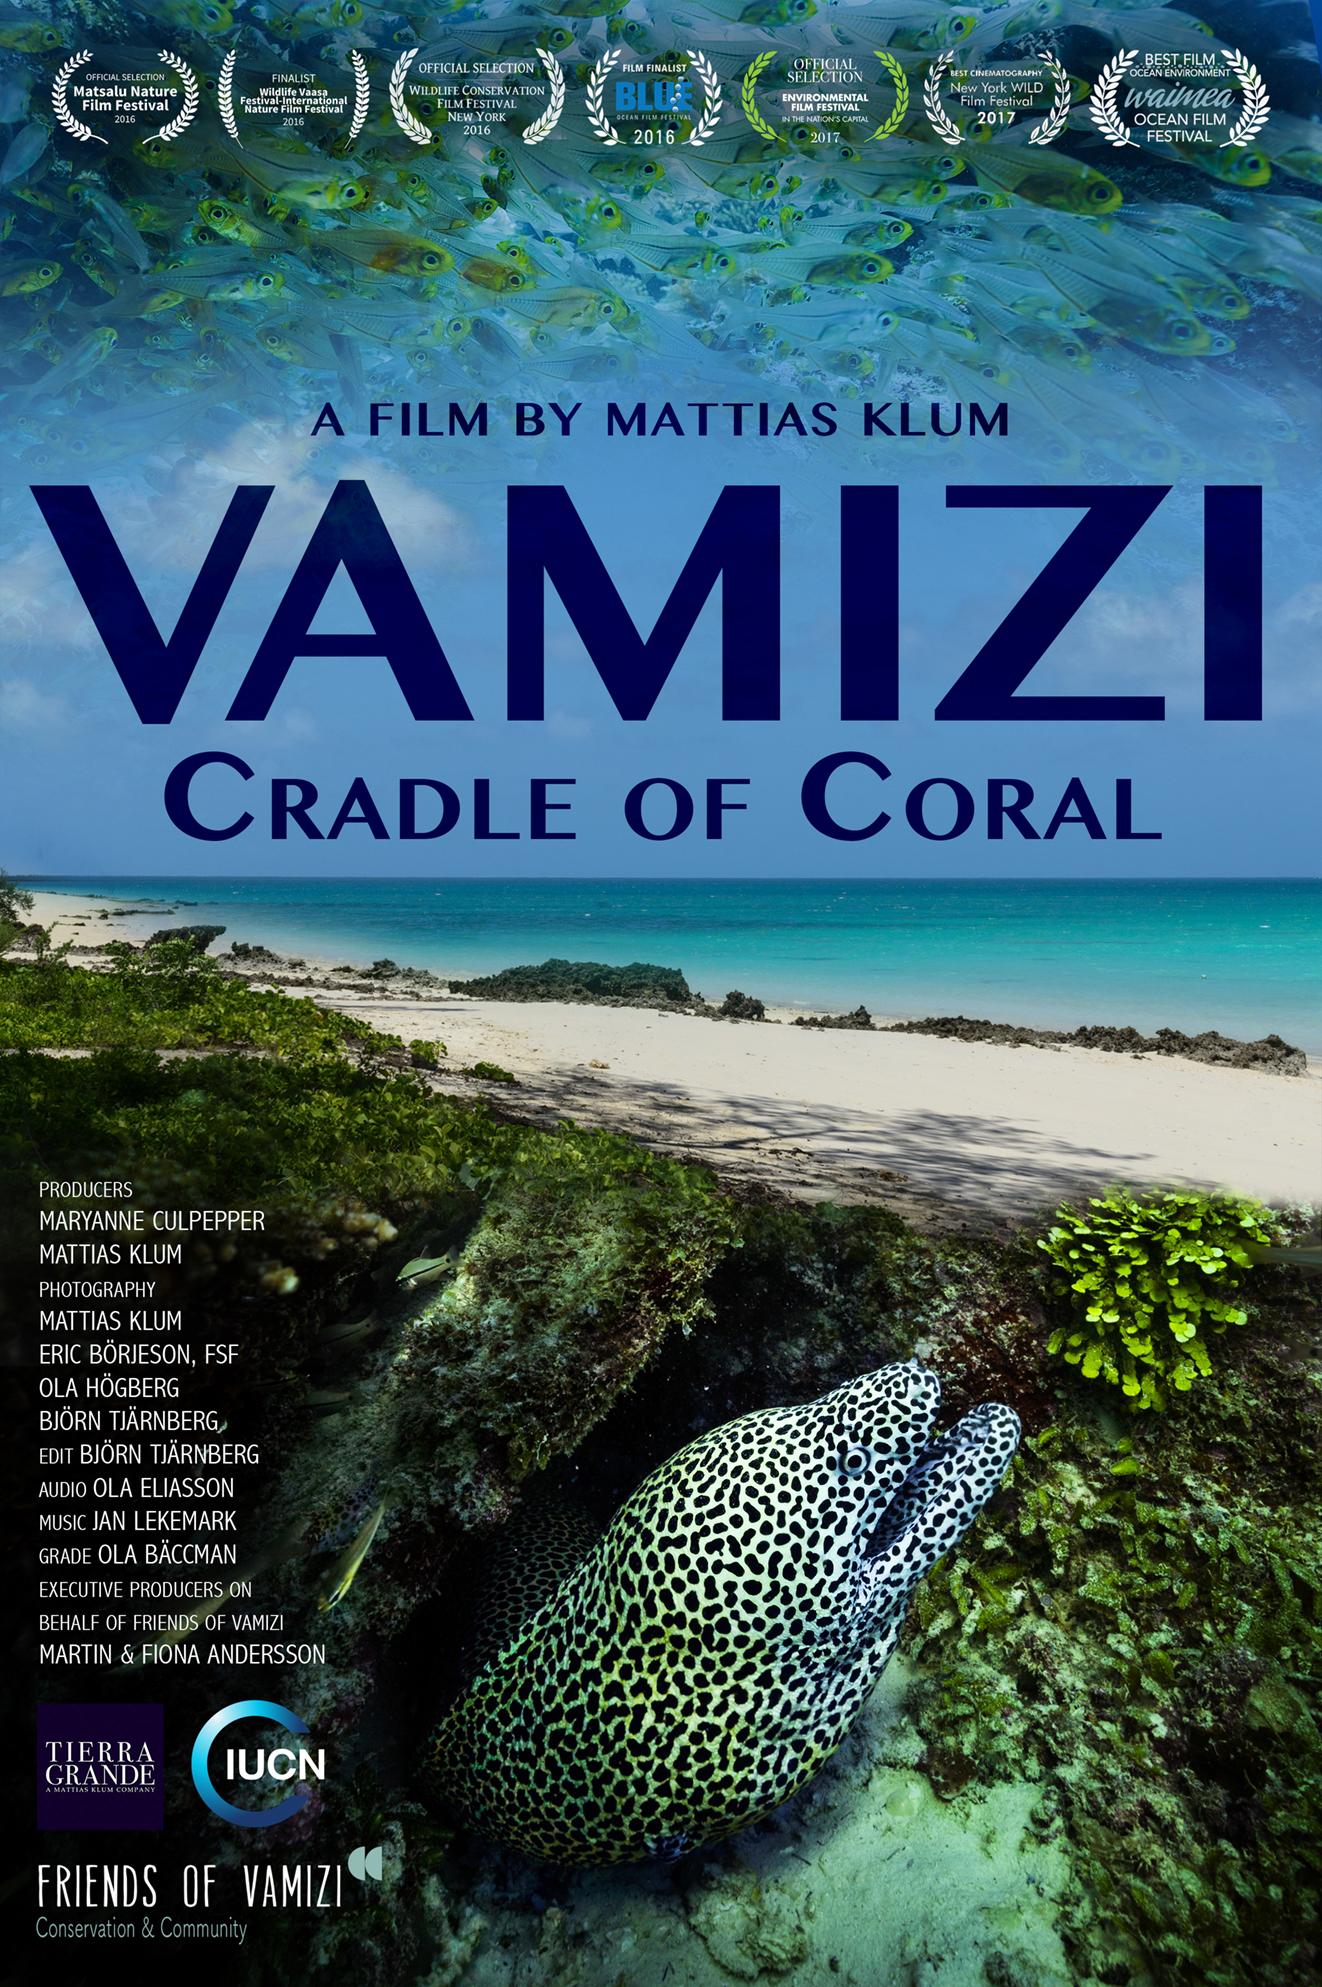 Vamizi poster_smaller.jpg